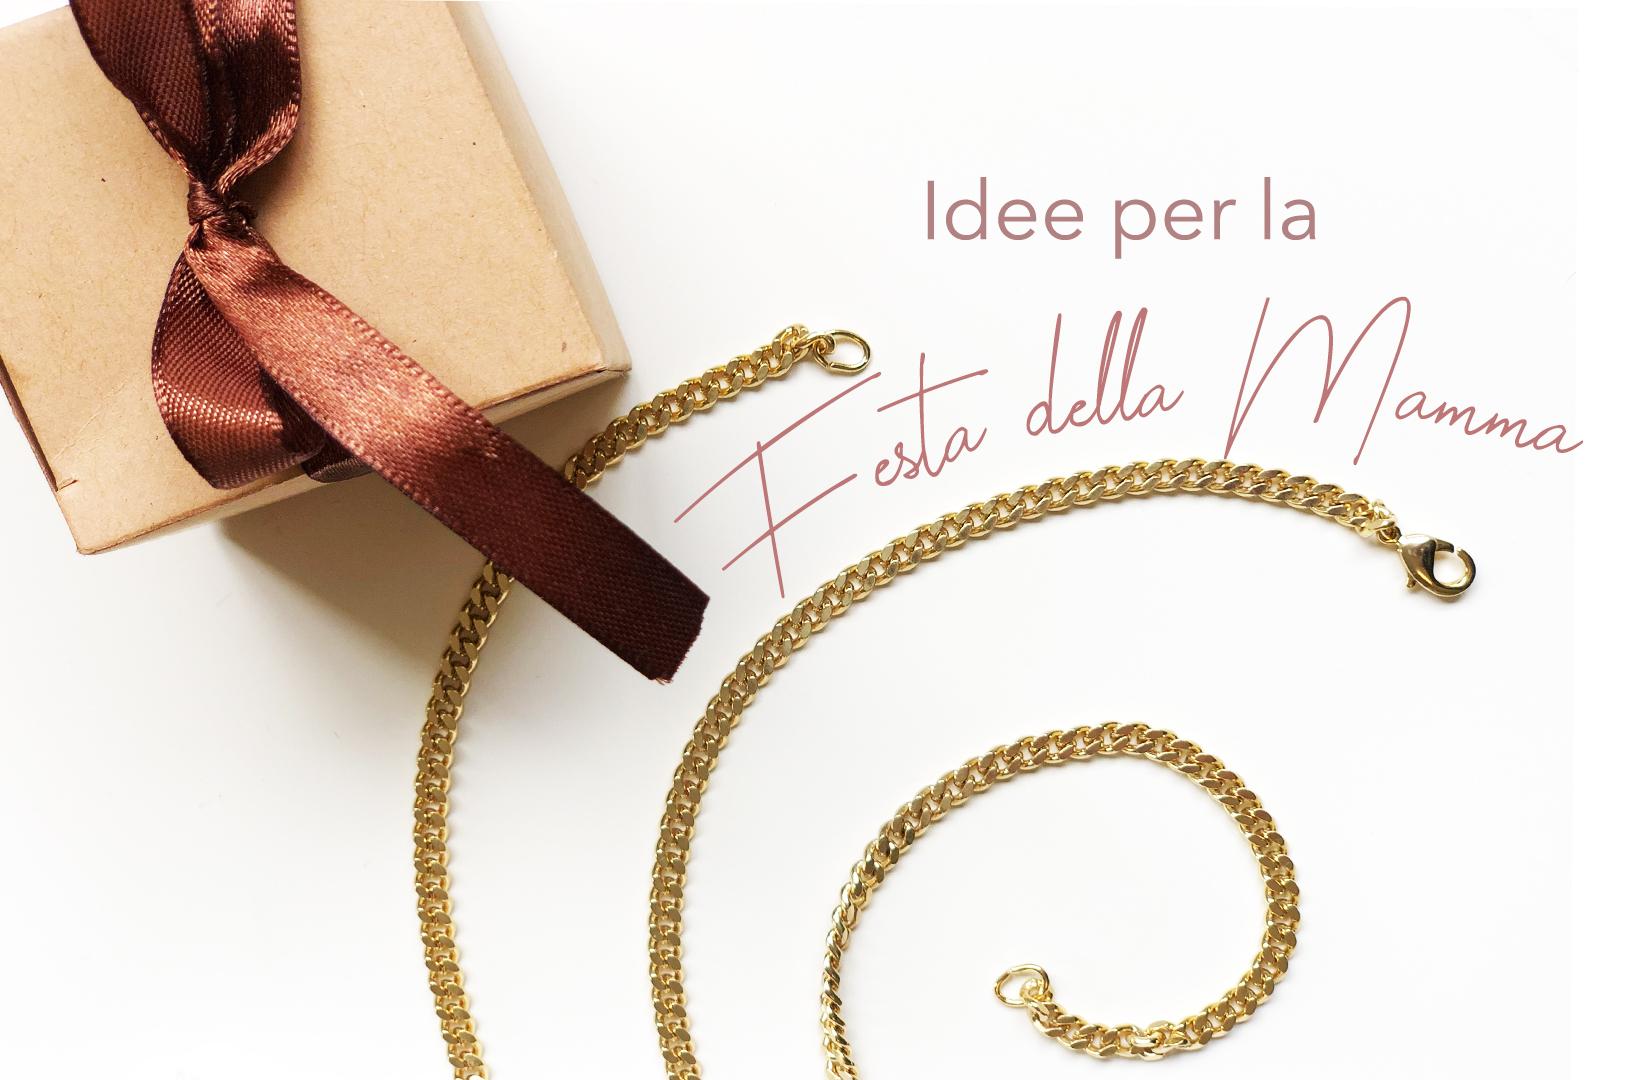 festa-della-mamma-marksandangels-alessia-marcuzzi-made-in-italy-gioielli-borse-idee-regalo